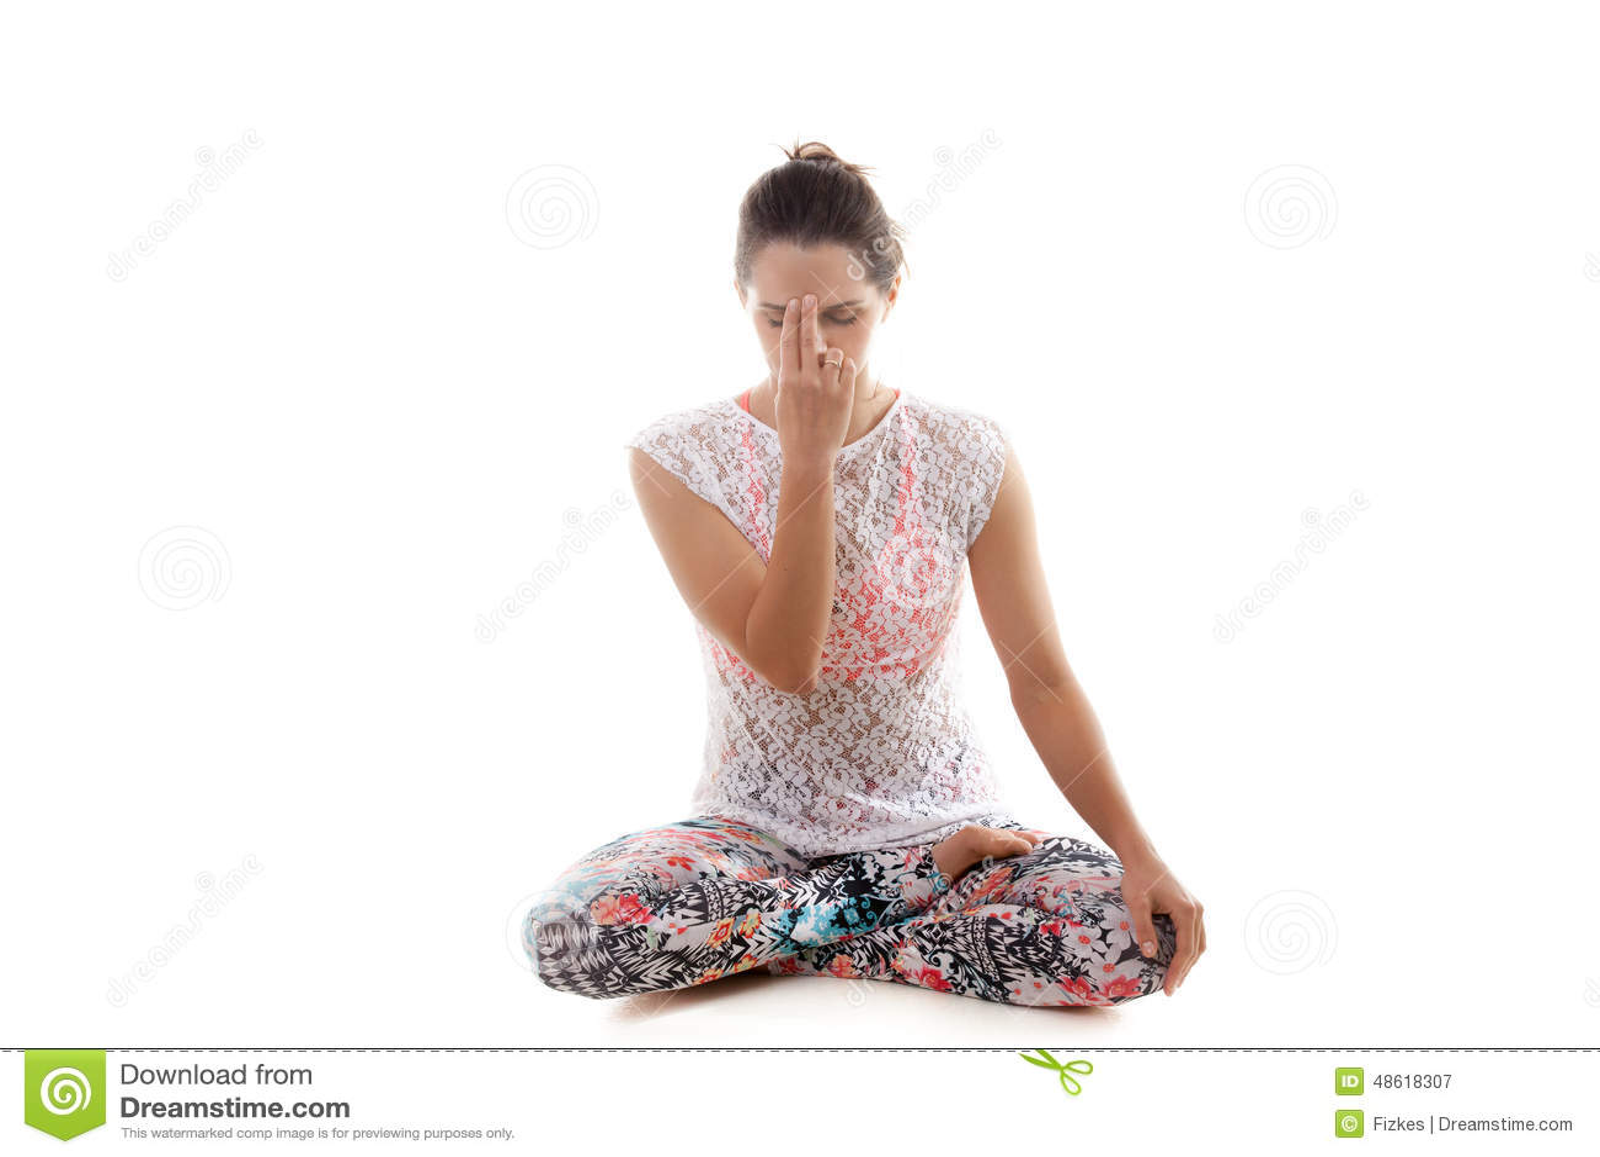 Yoga Pose Nadi Shodhana Pranayama